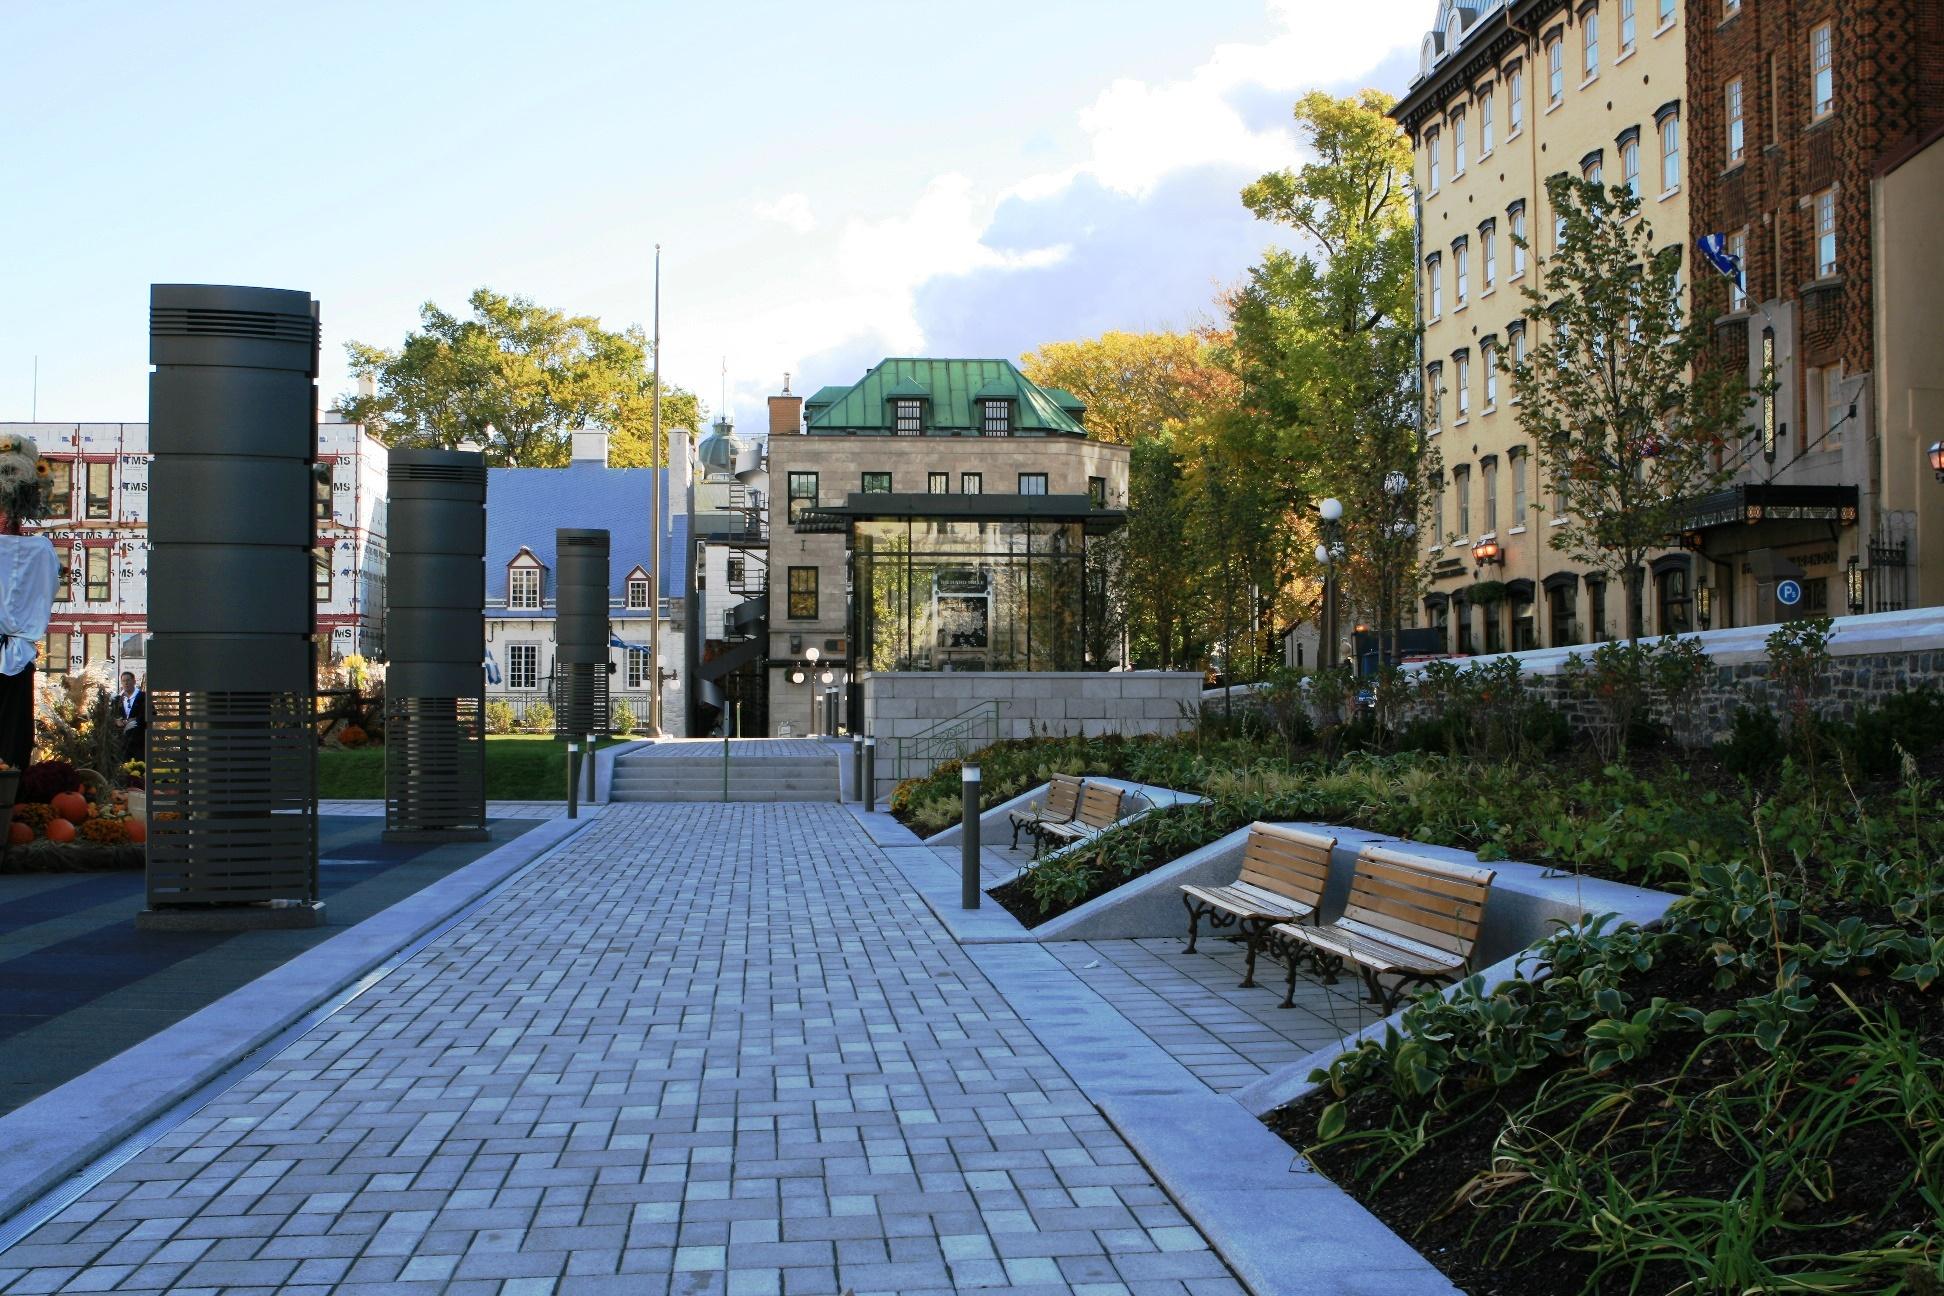 Clock jura grounds of quebec city hall ems